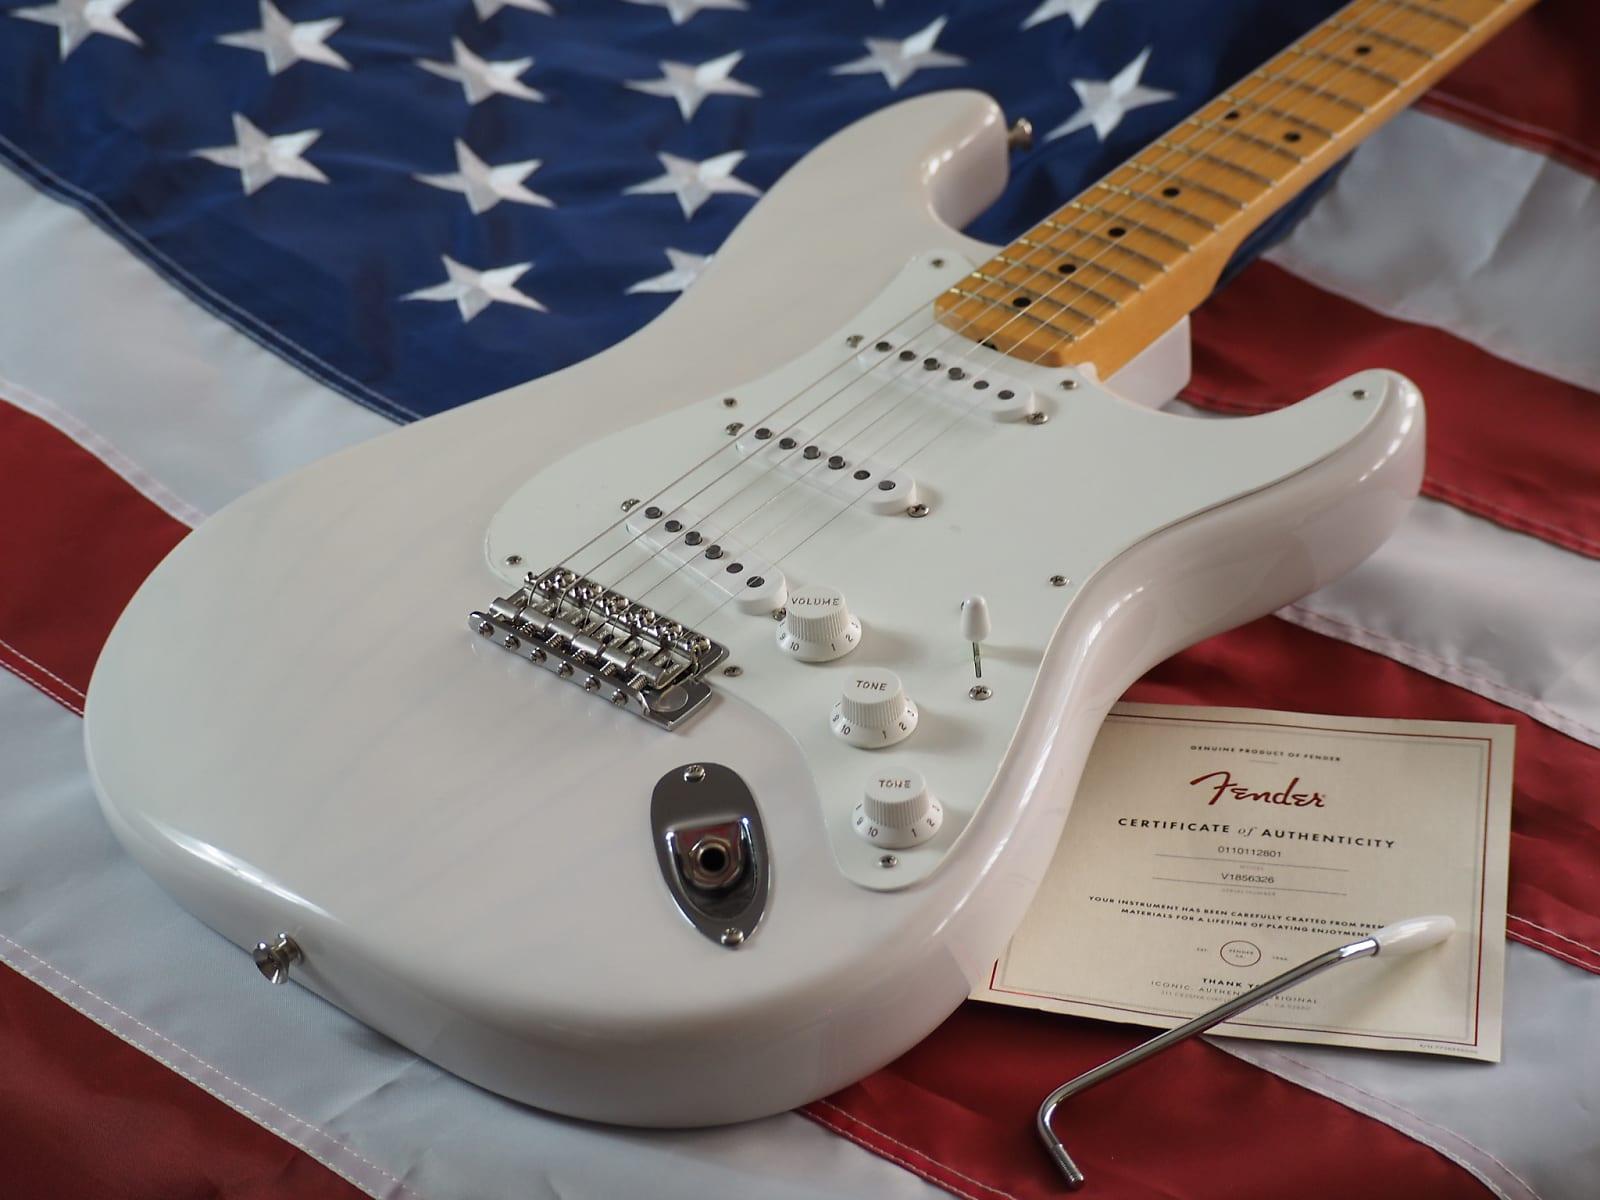 Fender Stratocaster  American Original '50's Stratocaster White Blonde Video Demo